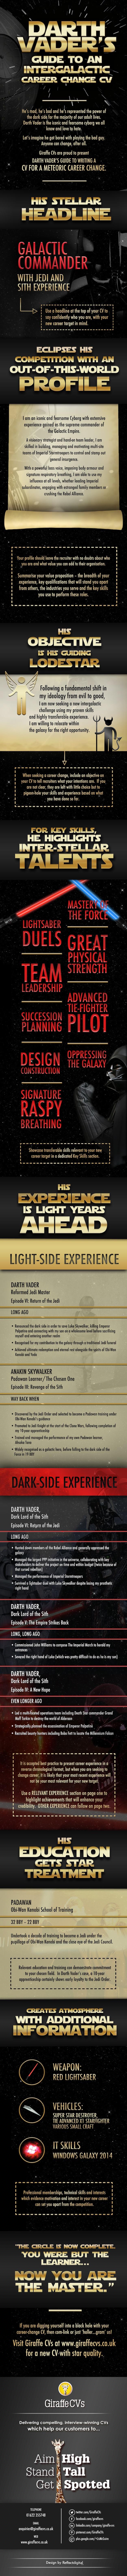 Darth Vader Infograhic